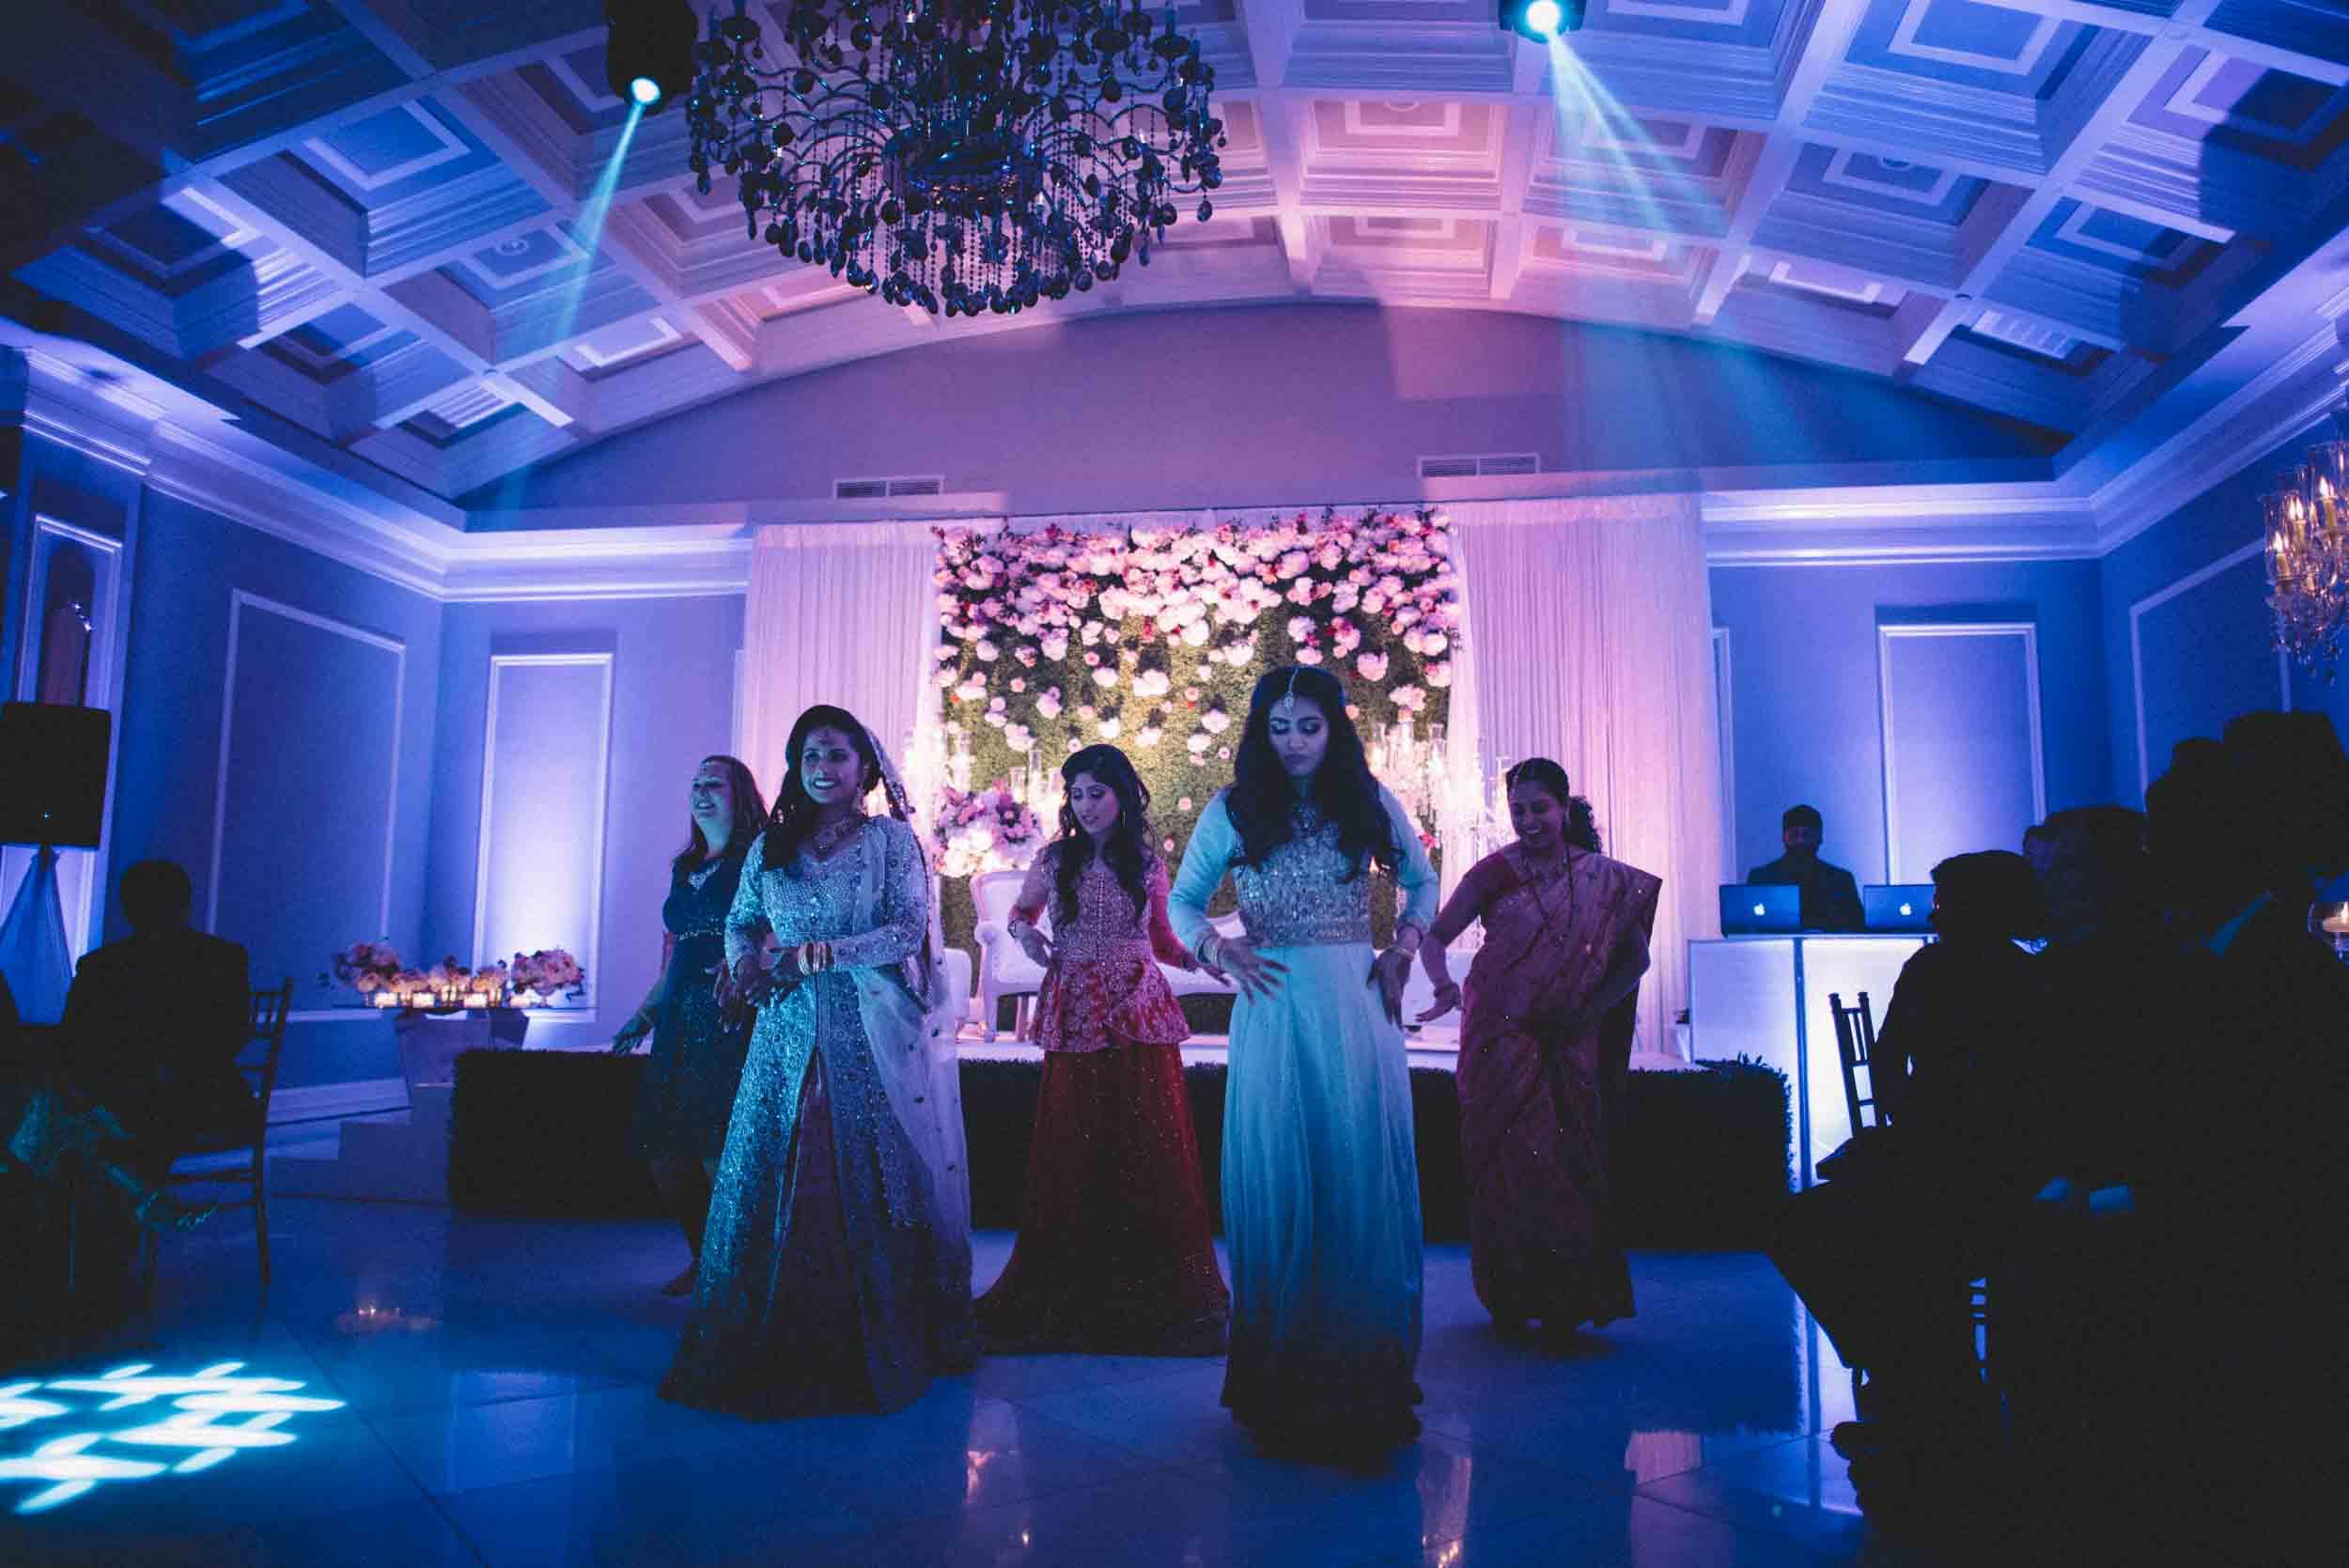 centreville-virginia-wedding-66.jpg